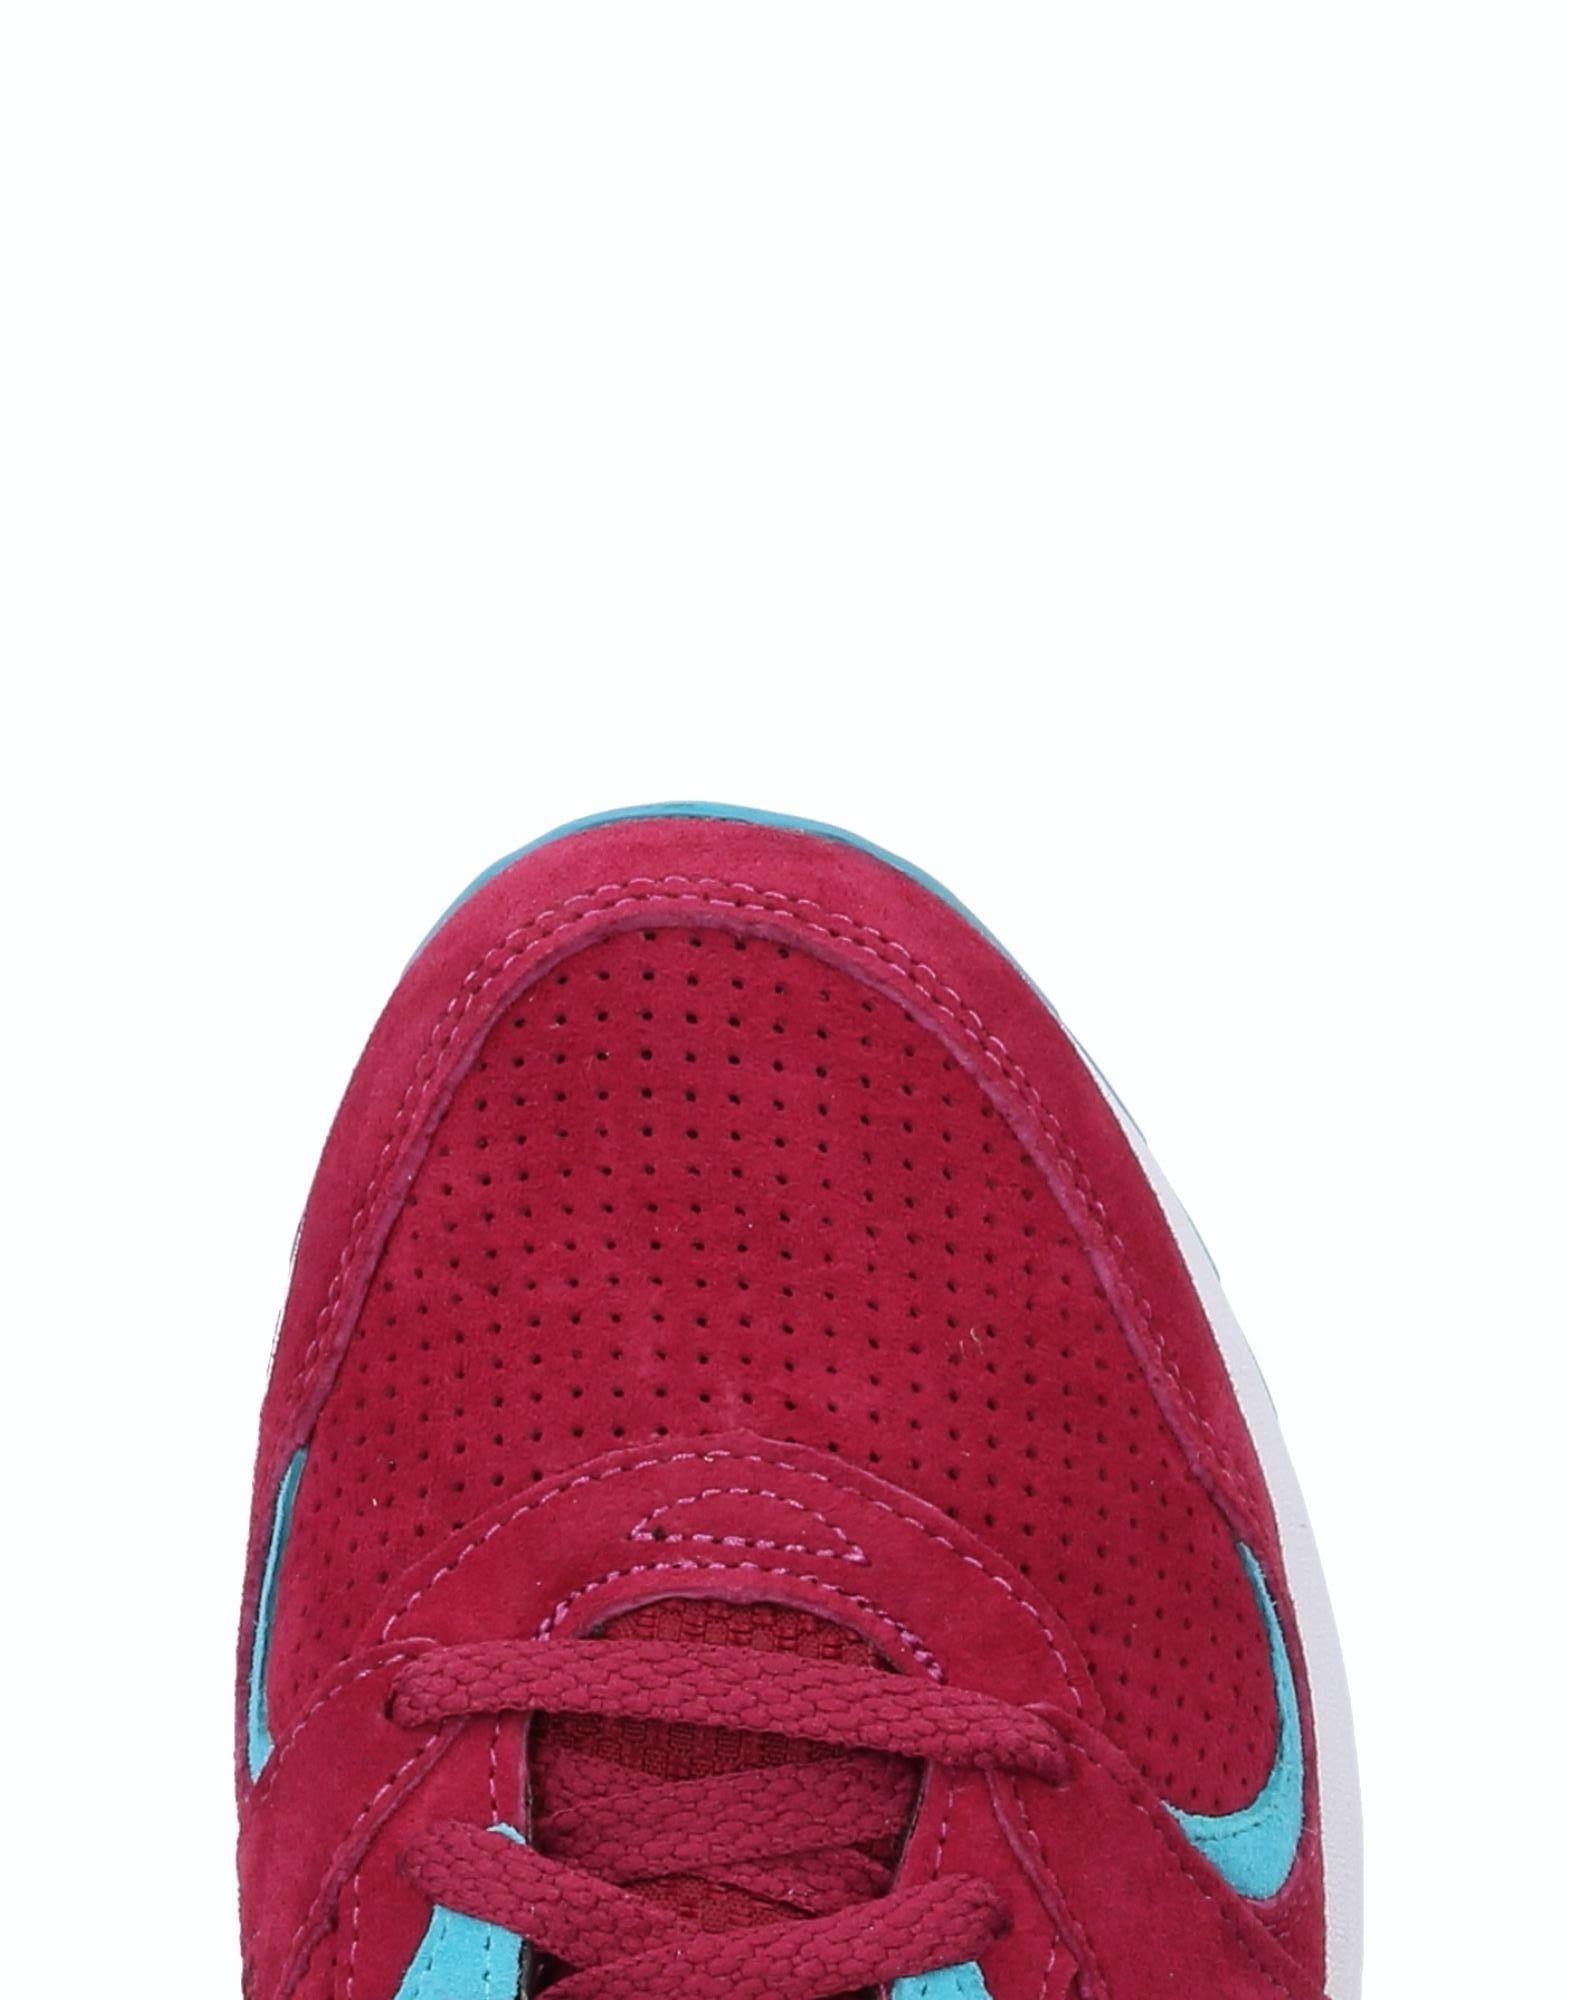 Rabatt echte  Schuhe Saucony Sneakers Herren  echte 11467335LG 9c8903